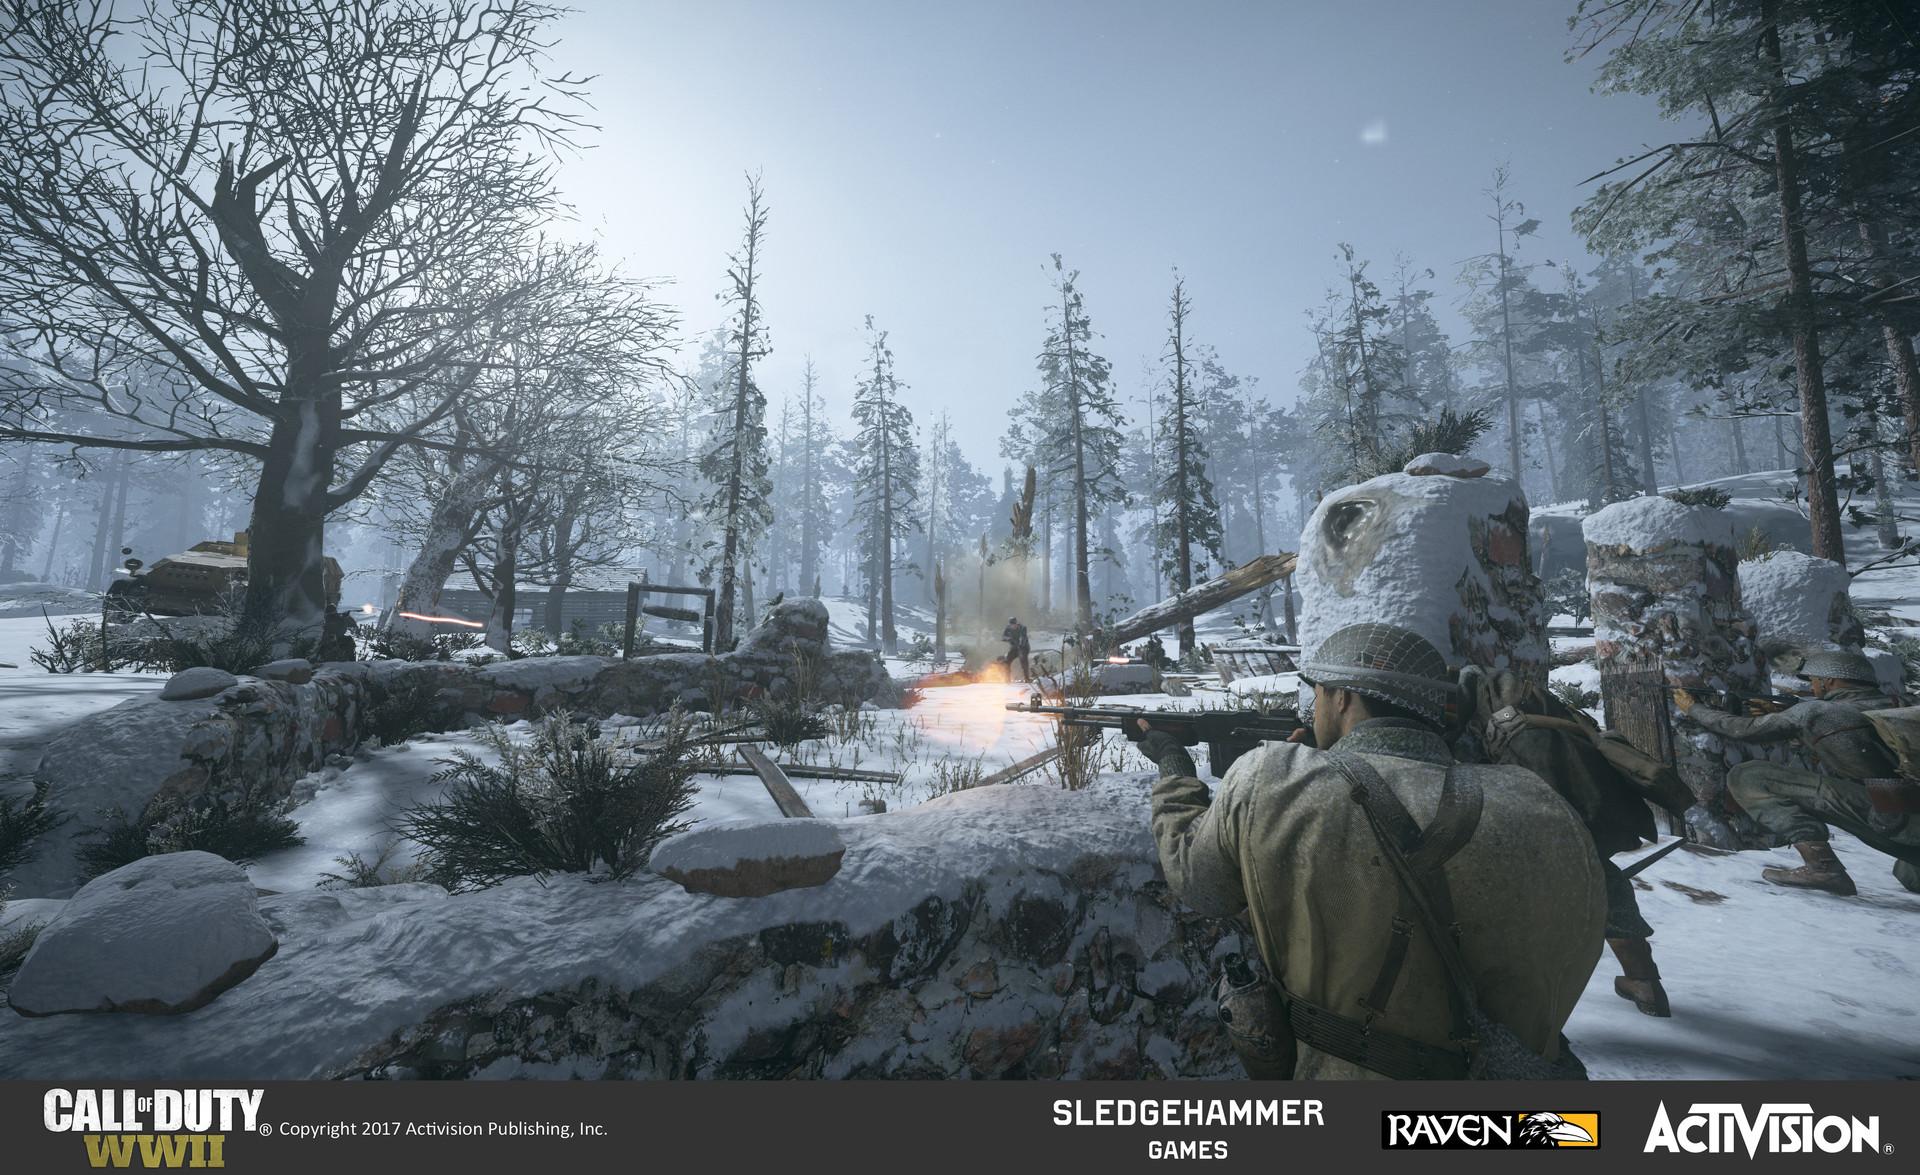 ArtStation - Call of Duty: WWII, Tim Yen